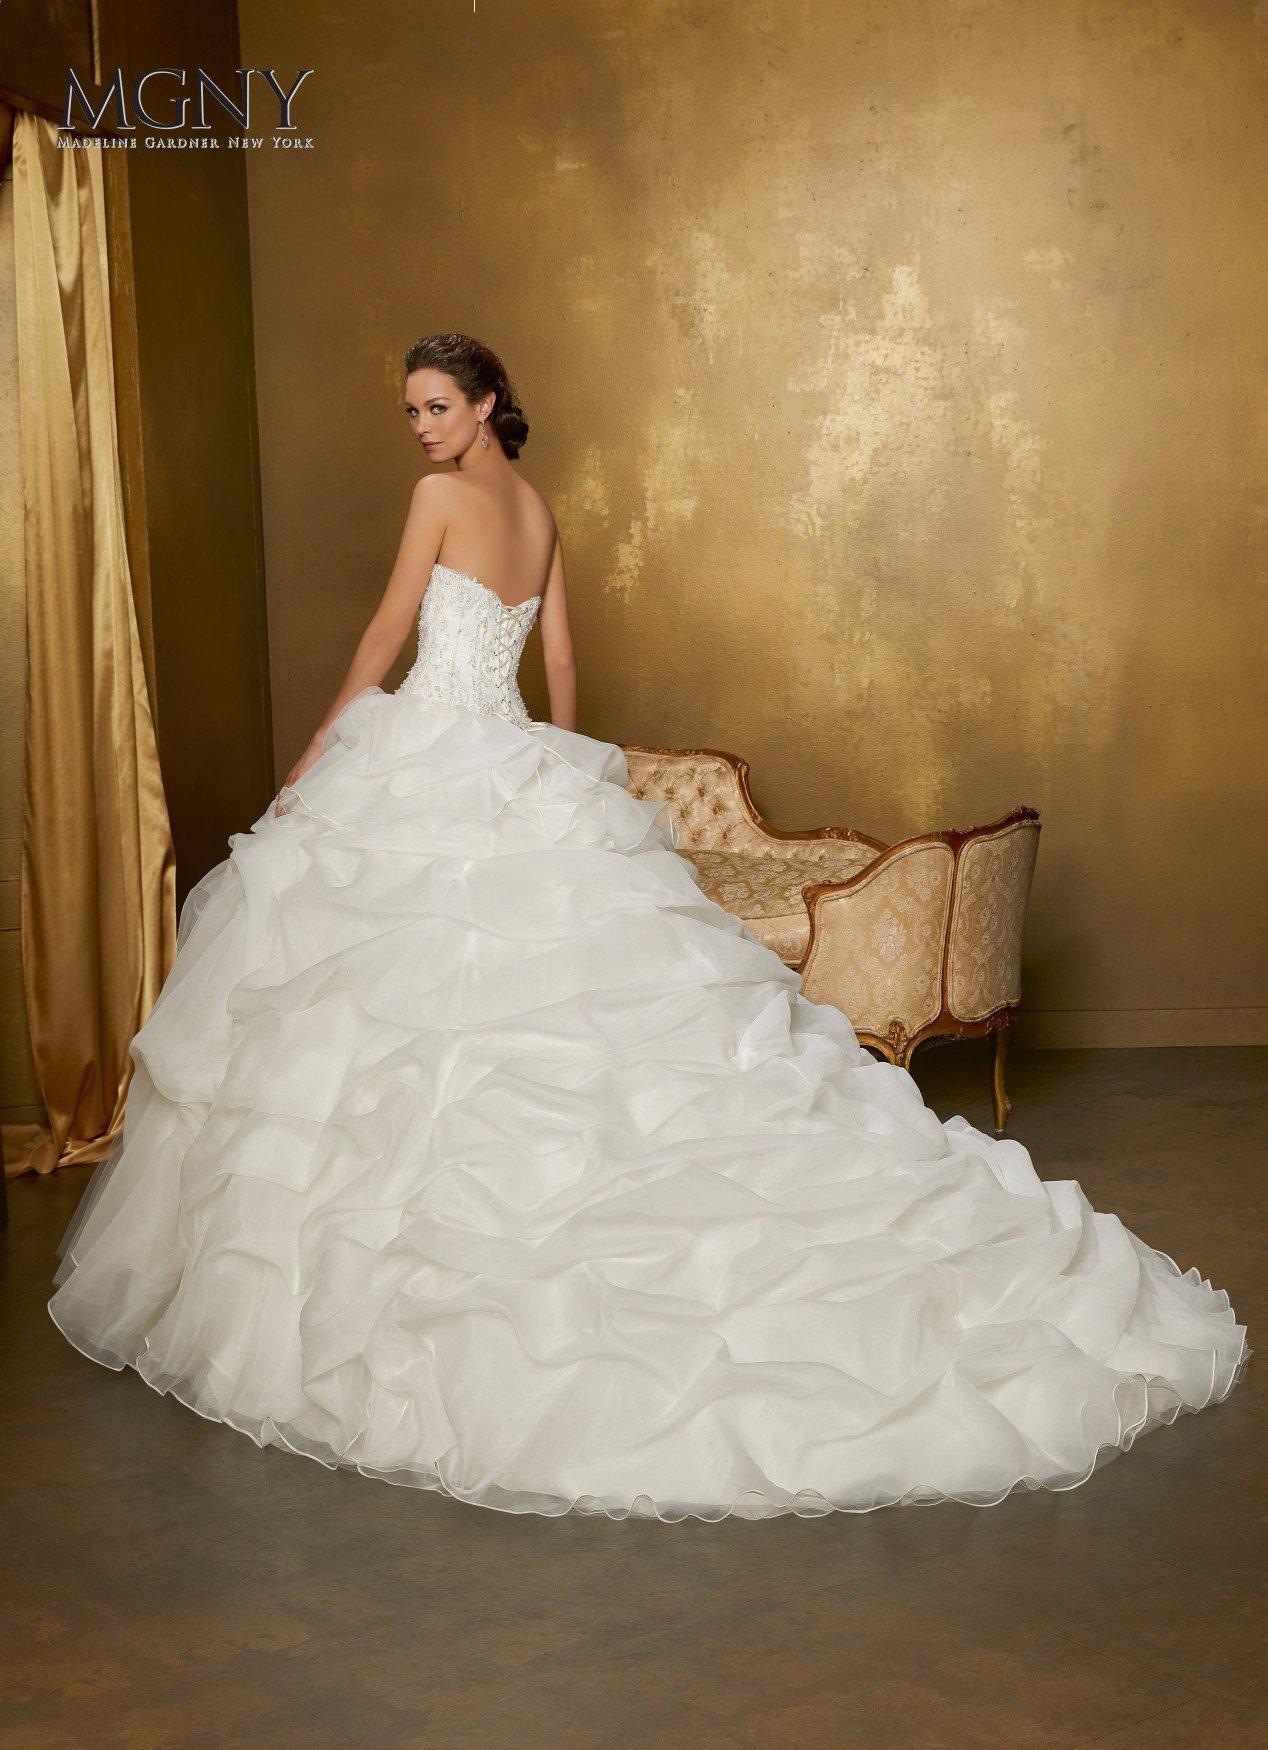 Una donna mostra con soddisfazione il suo abito da sposa